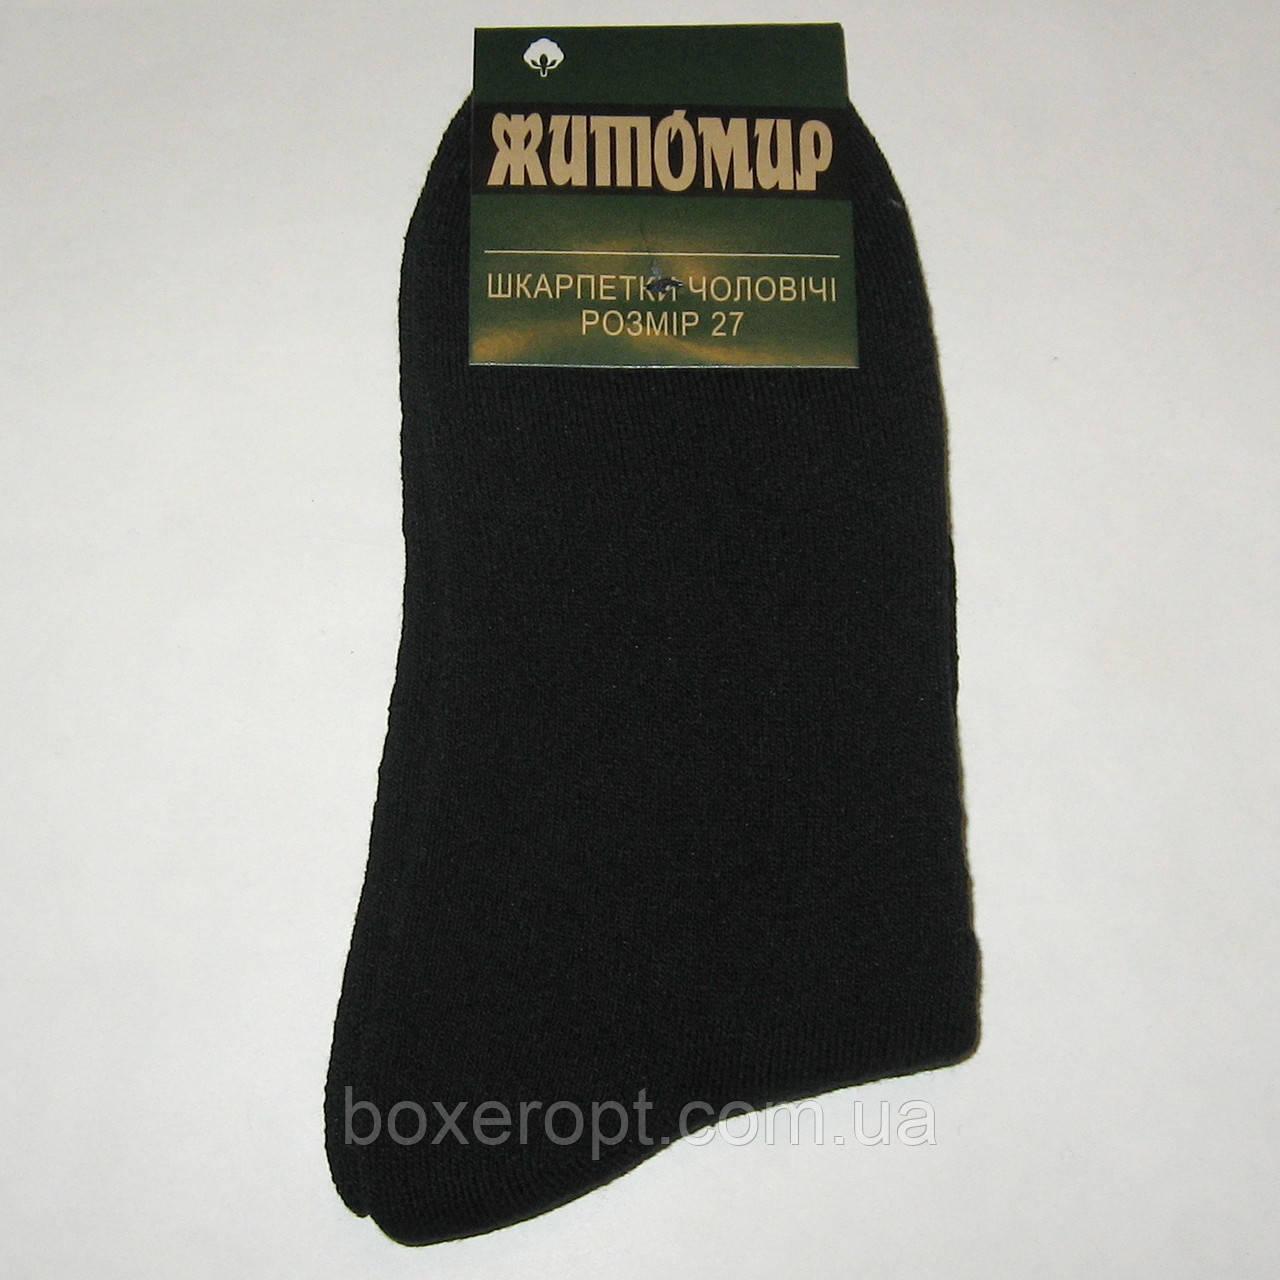 Мужские махровые носки Житомир - 10.00 грн./пара (Elite)